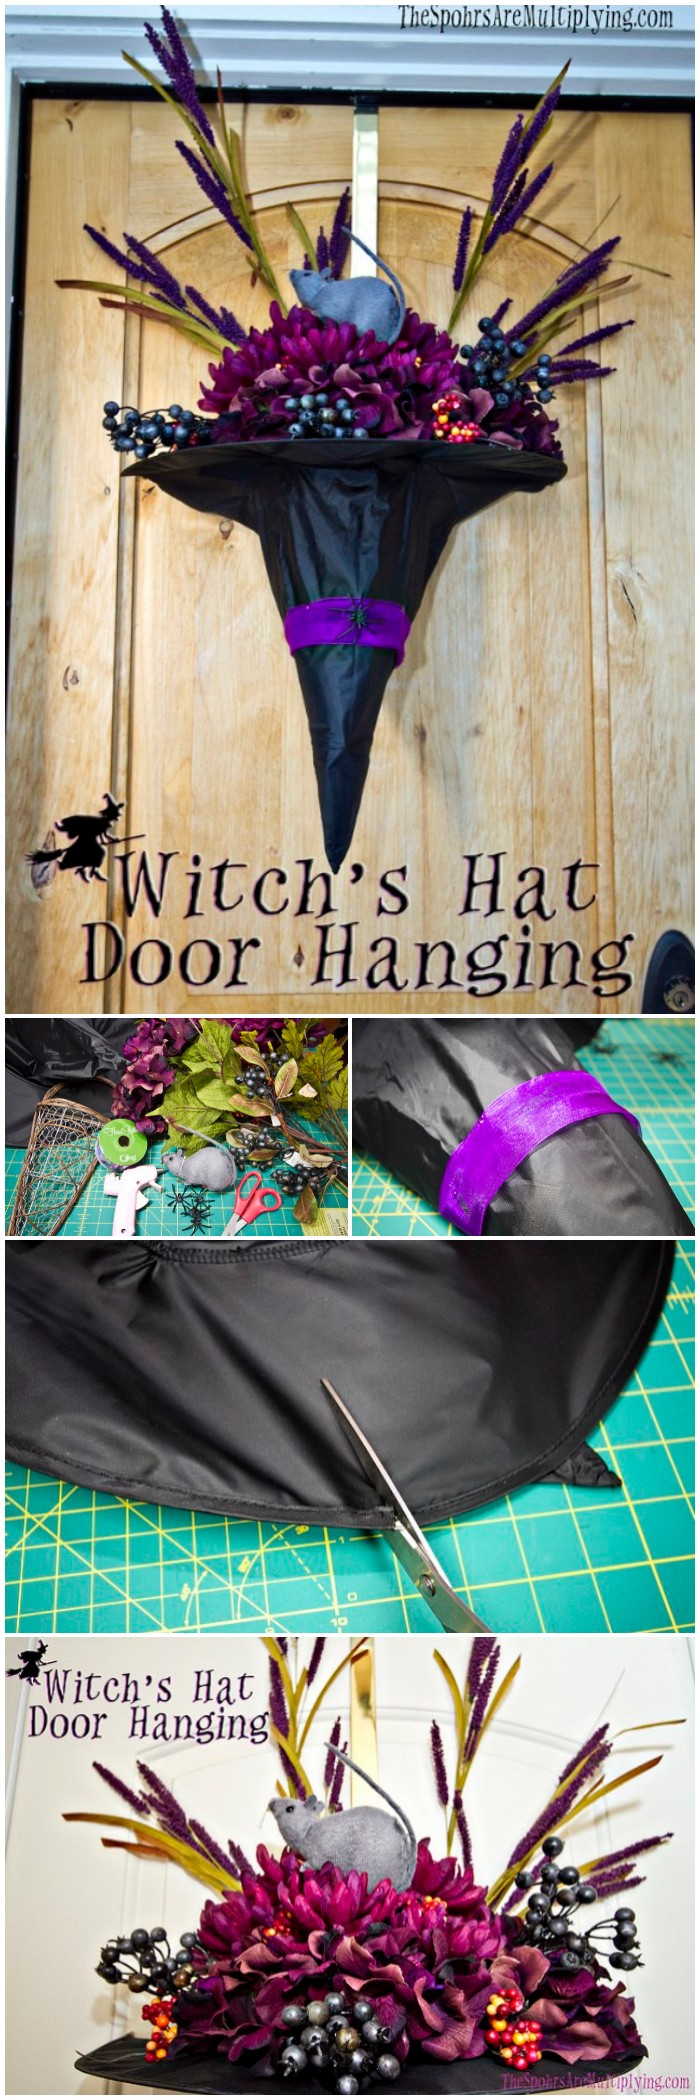 DIY Witch's Hat Door Hanging